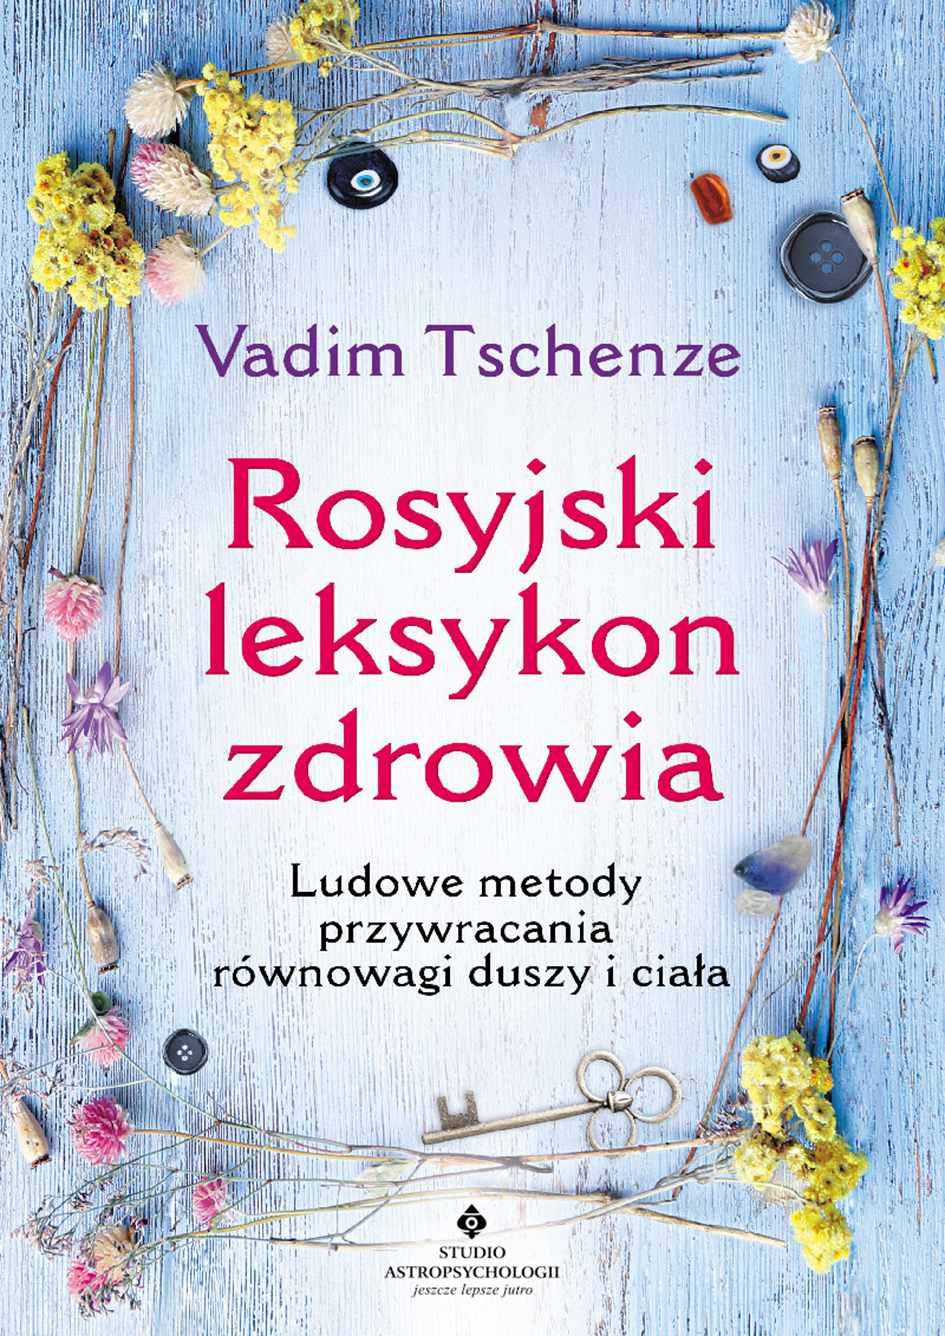 Rosyjski leksykon zdrowia. Ludowe metody przywracania równowagi duszy i ciała - Ebook (Książka na Kindle) do pobrania w formacie MOBI